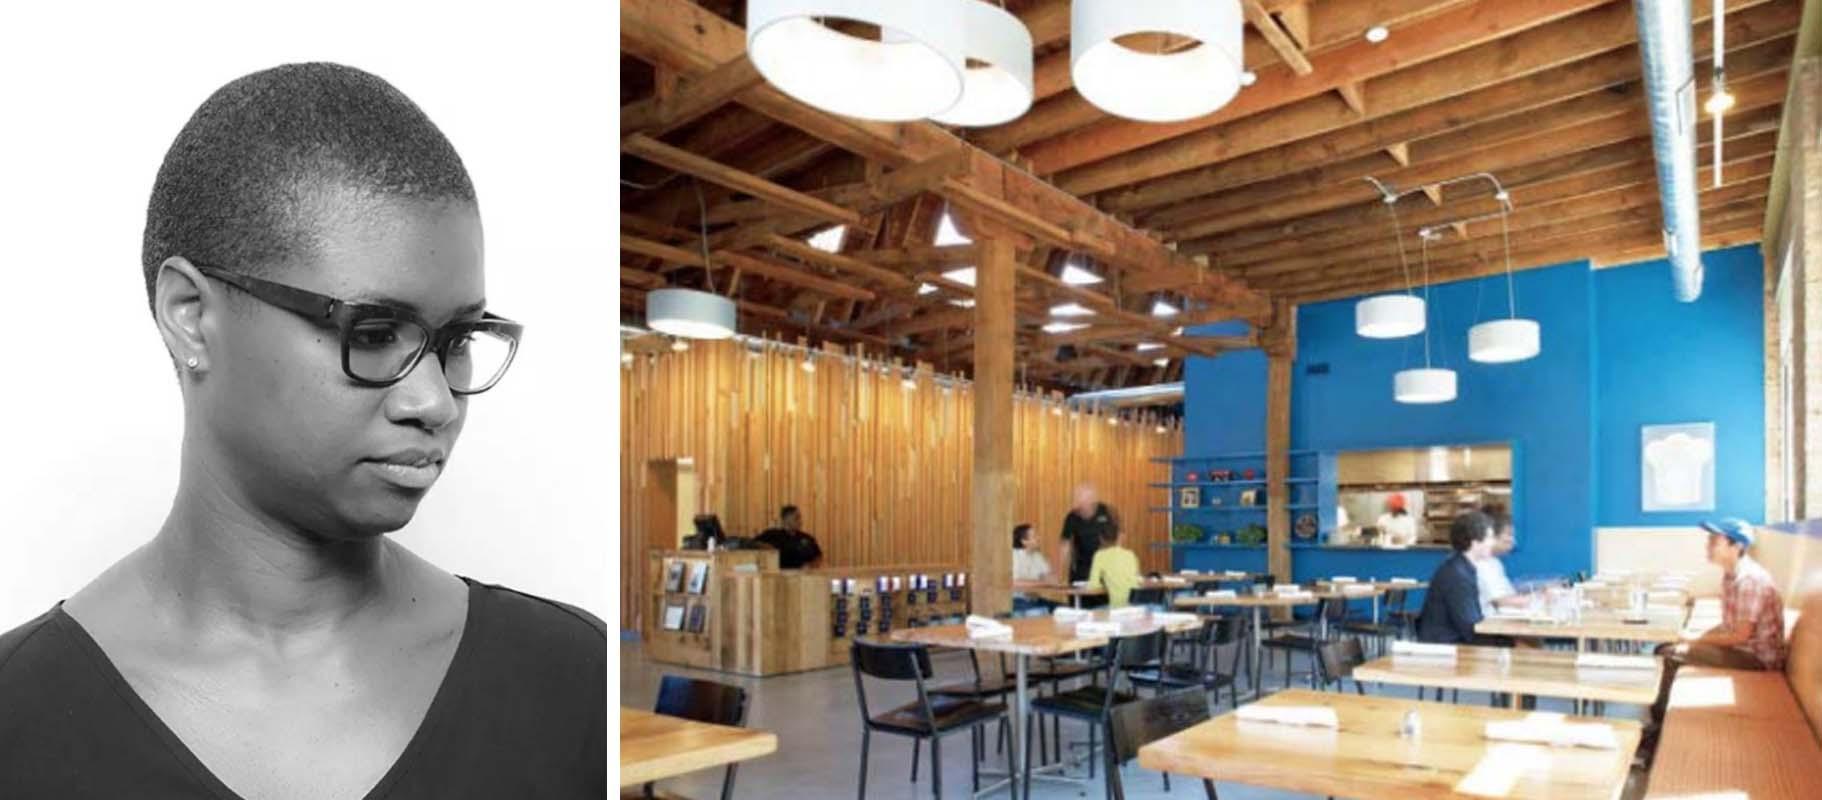 Trái: Chris-Annmarie Spencer, hình ảnh: AIA; phải: Dự án tái sử dụng thích ứng Inspiration Kitchens, hình ảnh Giải thưởng Rudy Bruner